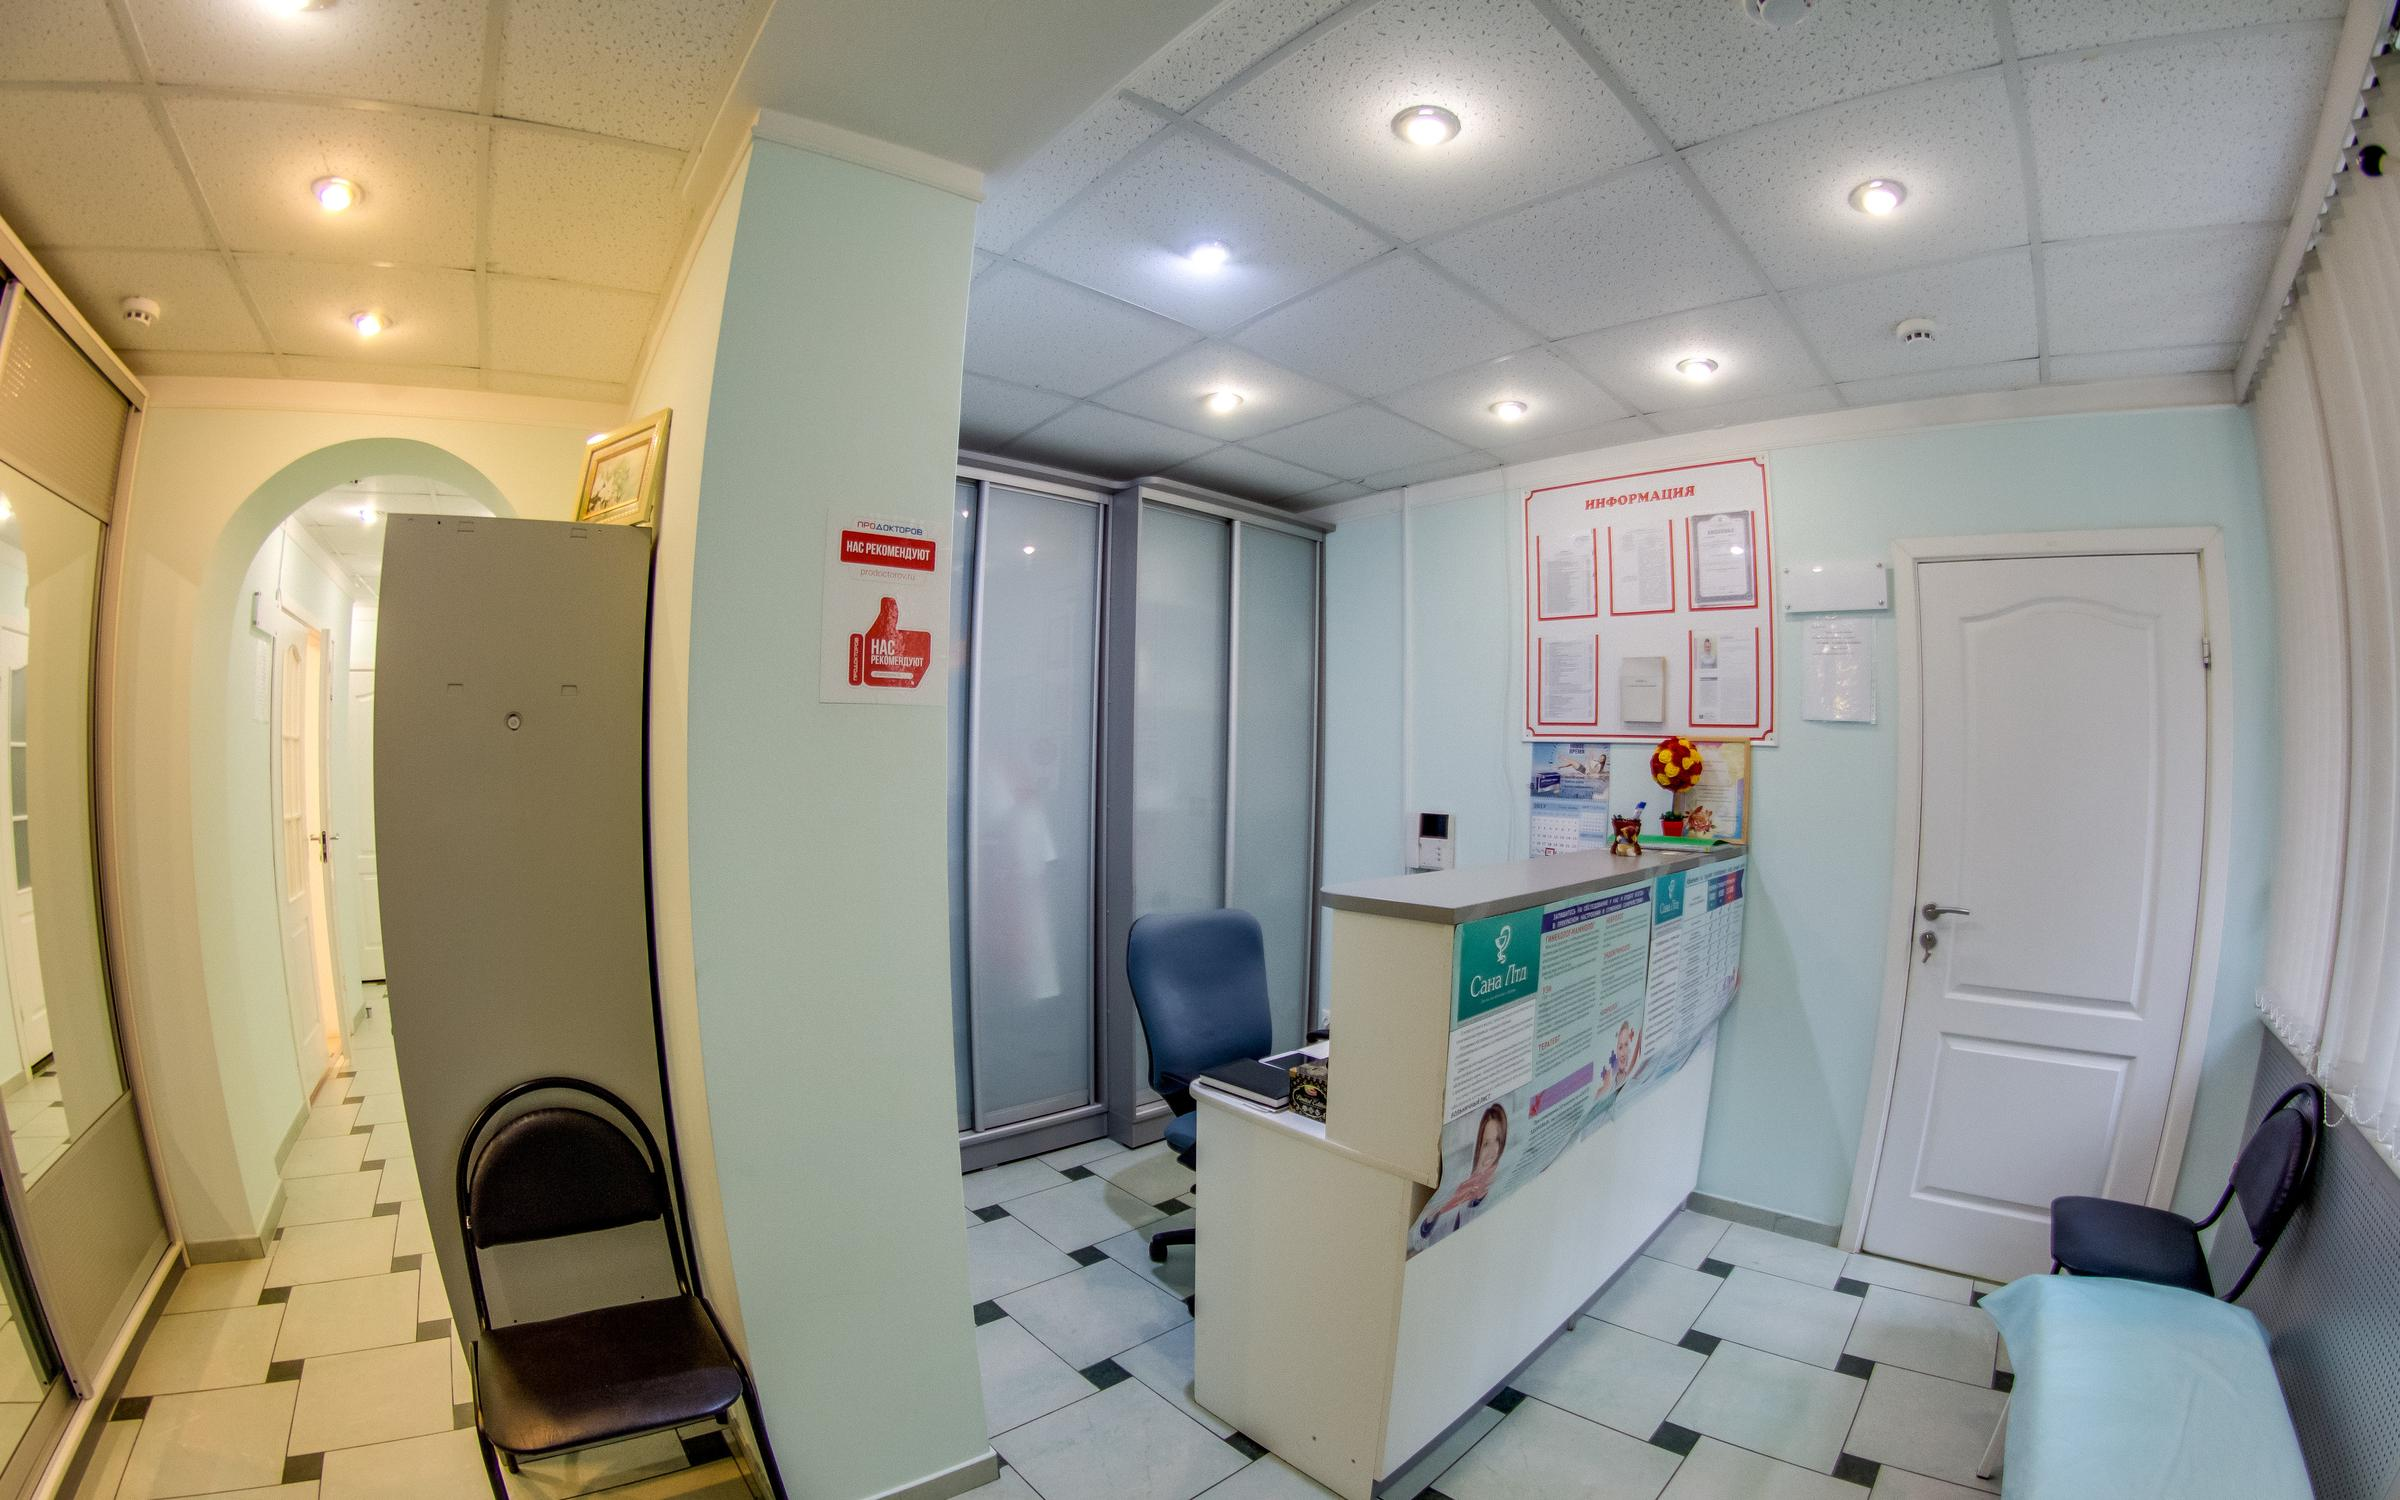 фотография Медицинского центра Сана Лтд на Садовой улице